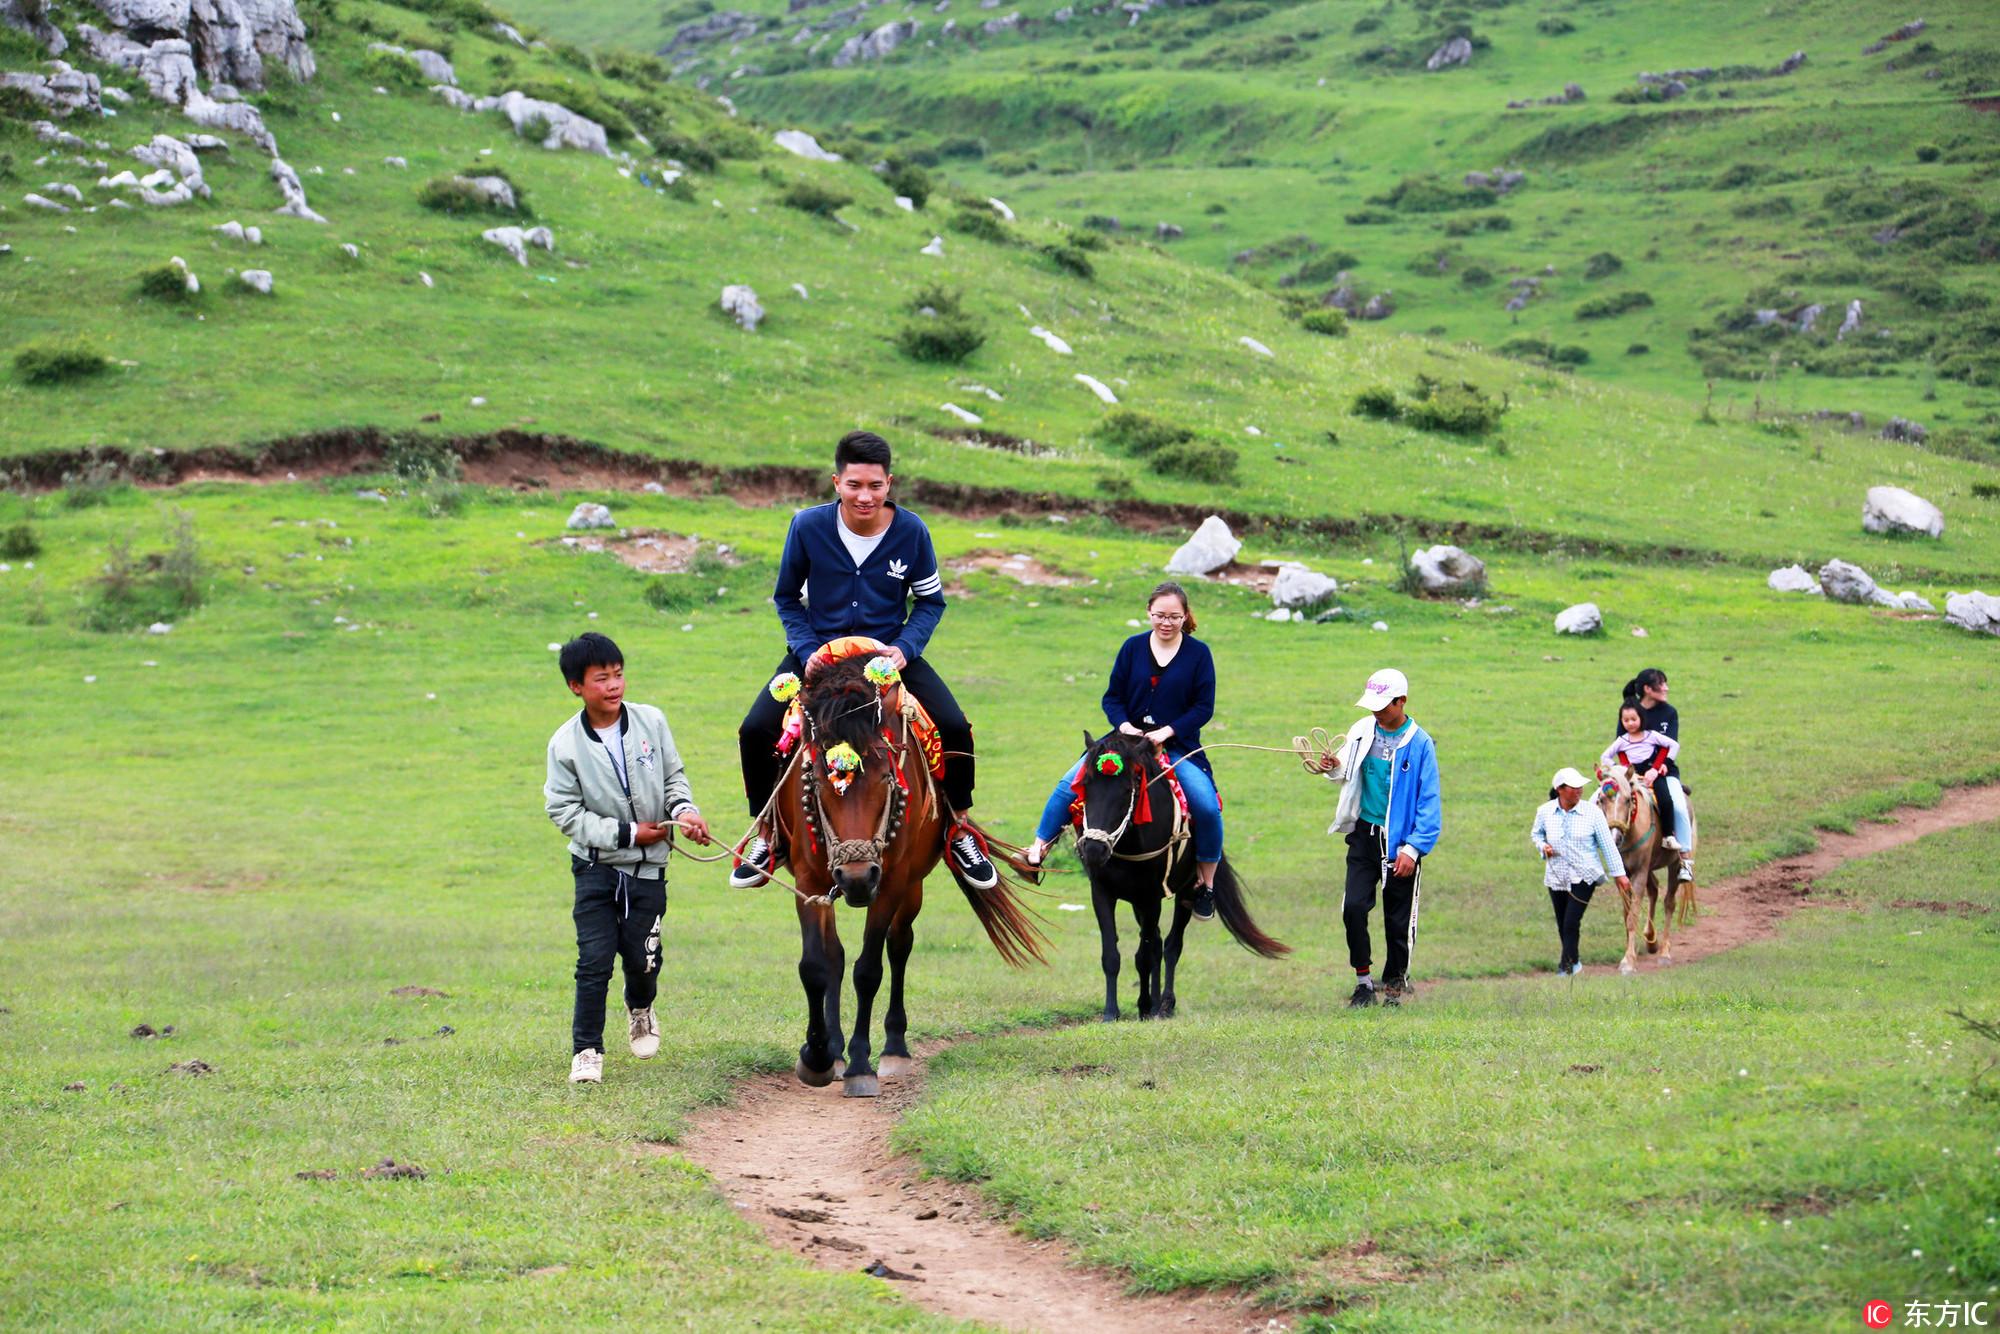 位于贵州省威宁县盐仓镇和板底乡境内的百草坪草场面积约12万亩,海拔